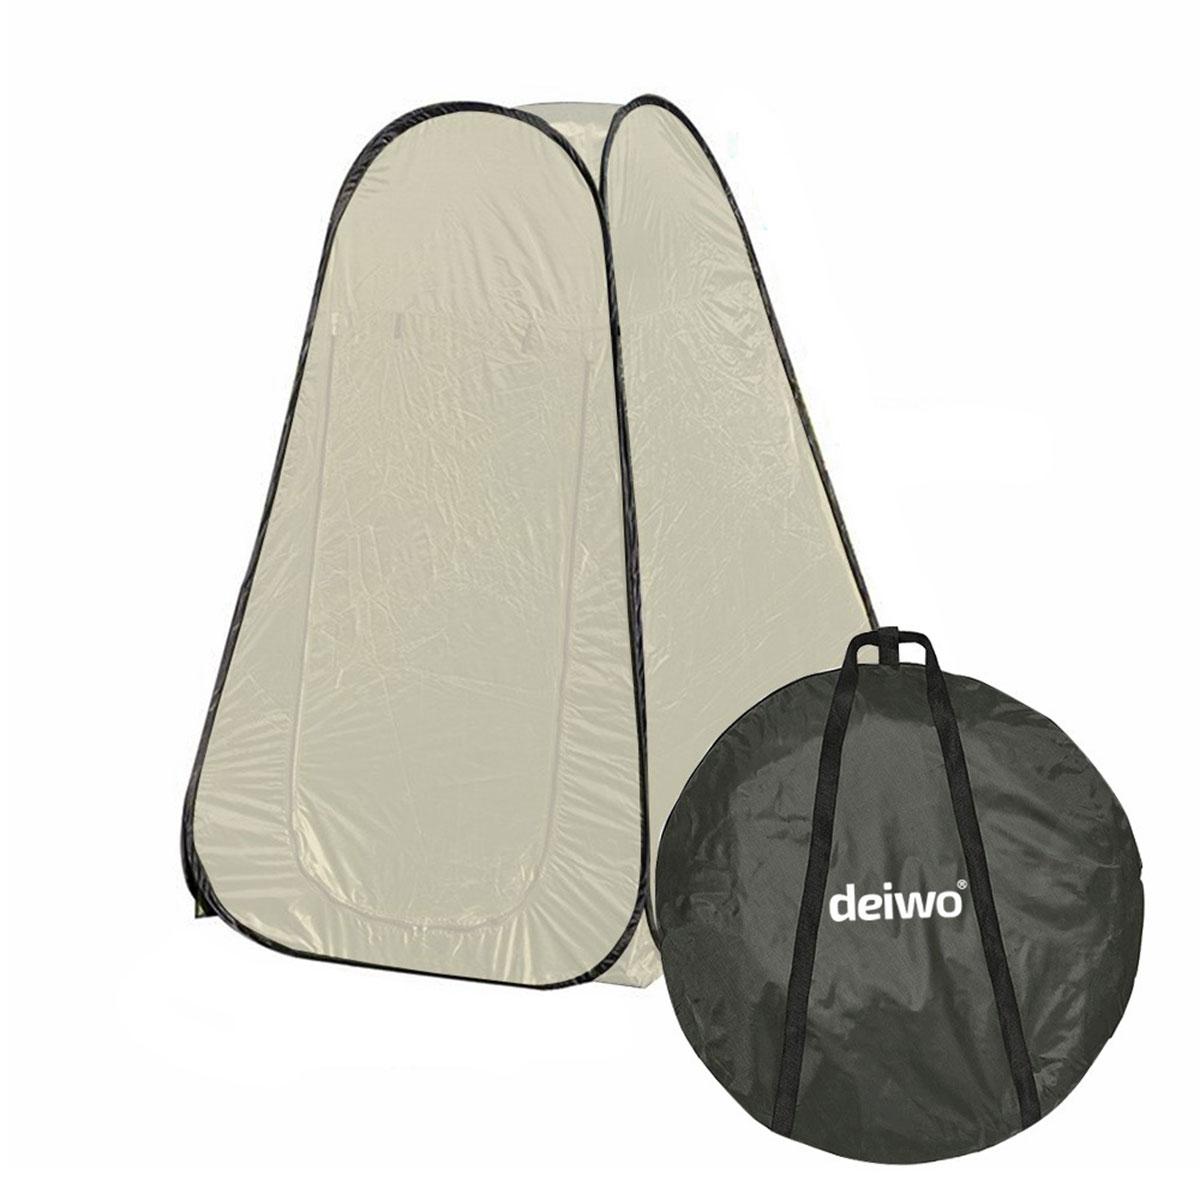 deiwo® Duschzelt Pop Up 120x120x190 cm, Sand, Tragetasche, Heringe